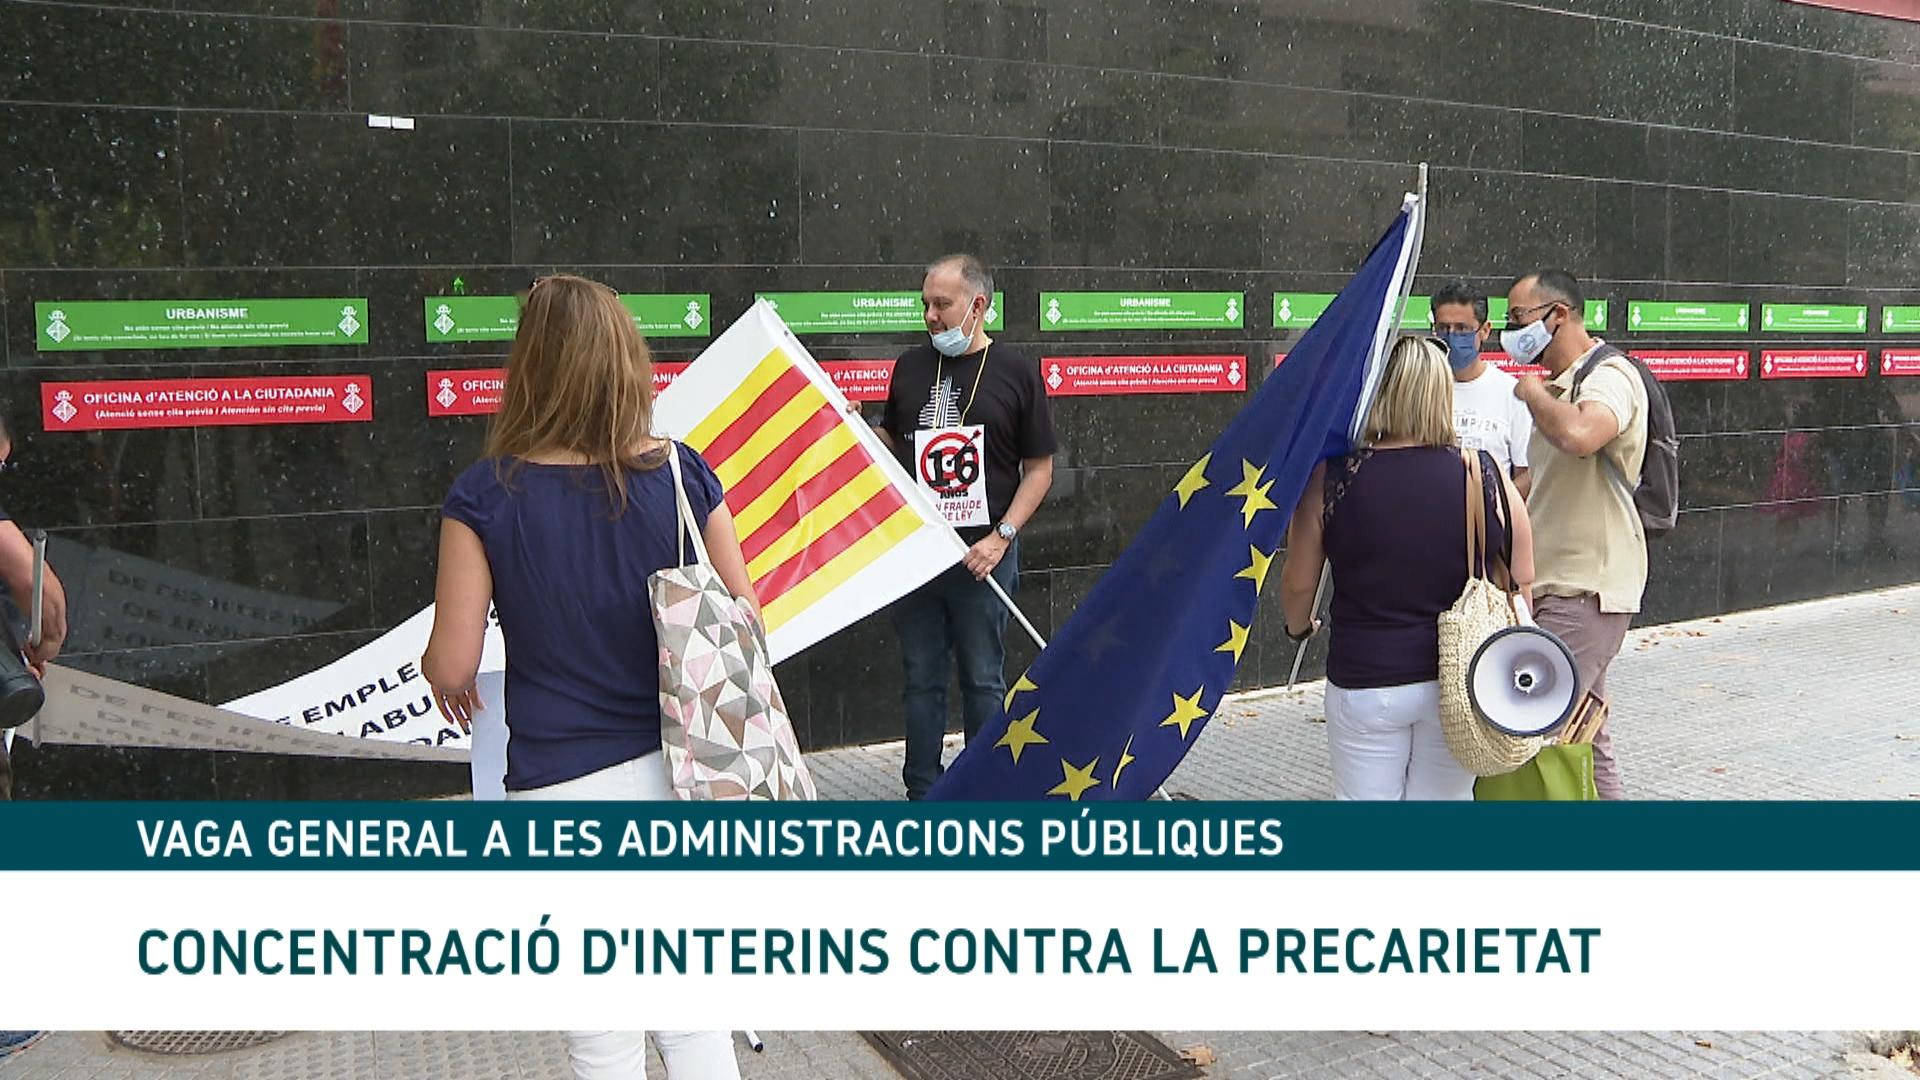 Protesta+a+Palma+dels+treballadors+interins+de+l%27Administraci%C3%B3+P%C3%BAblica